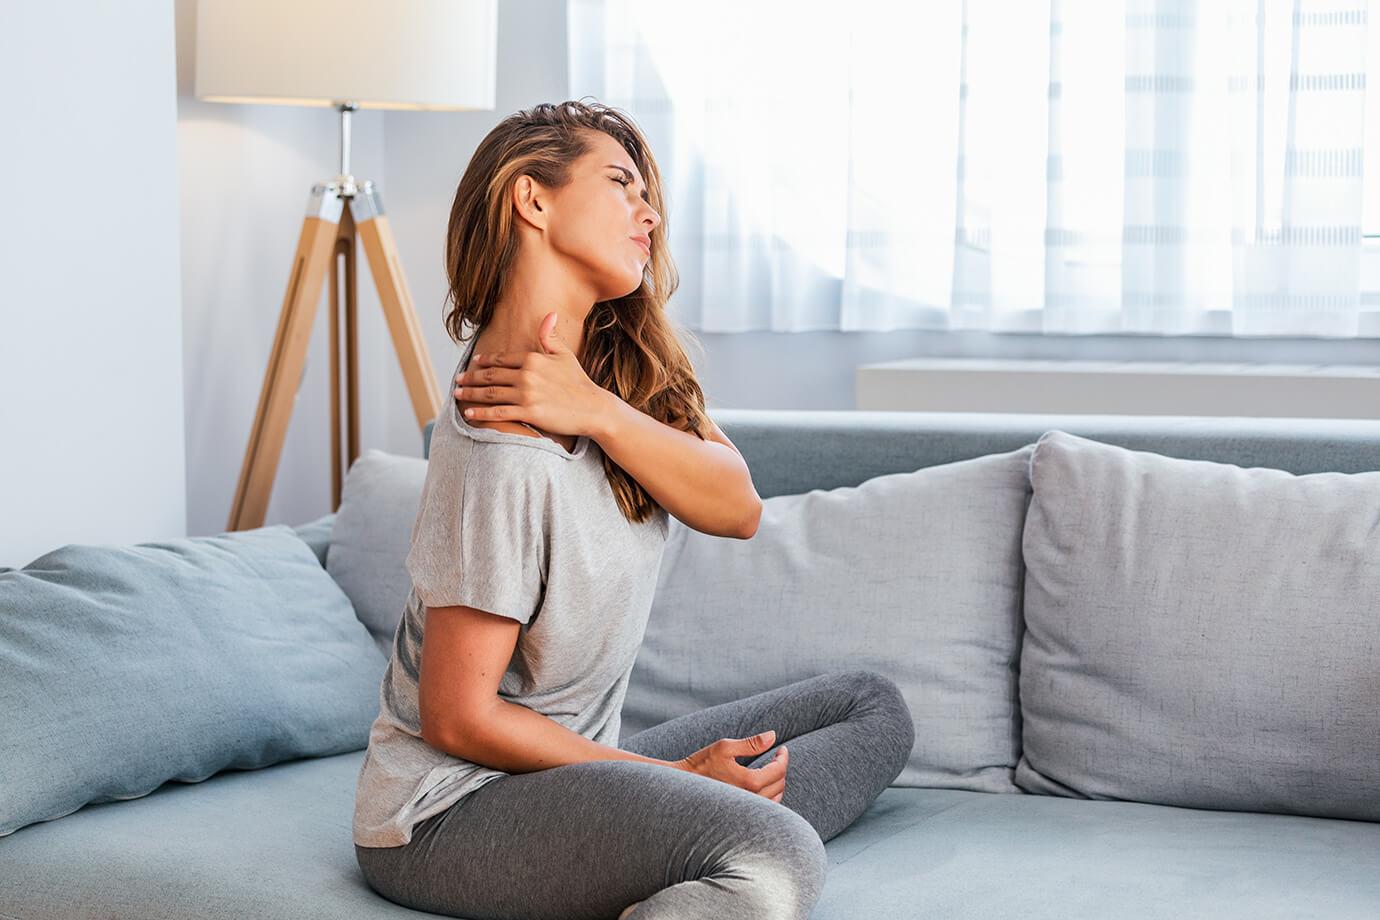 Exercițiile pentru coloana vertebrală, ar trebui mai întâi, să le încercați cu un expert